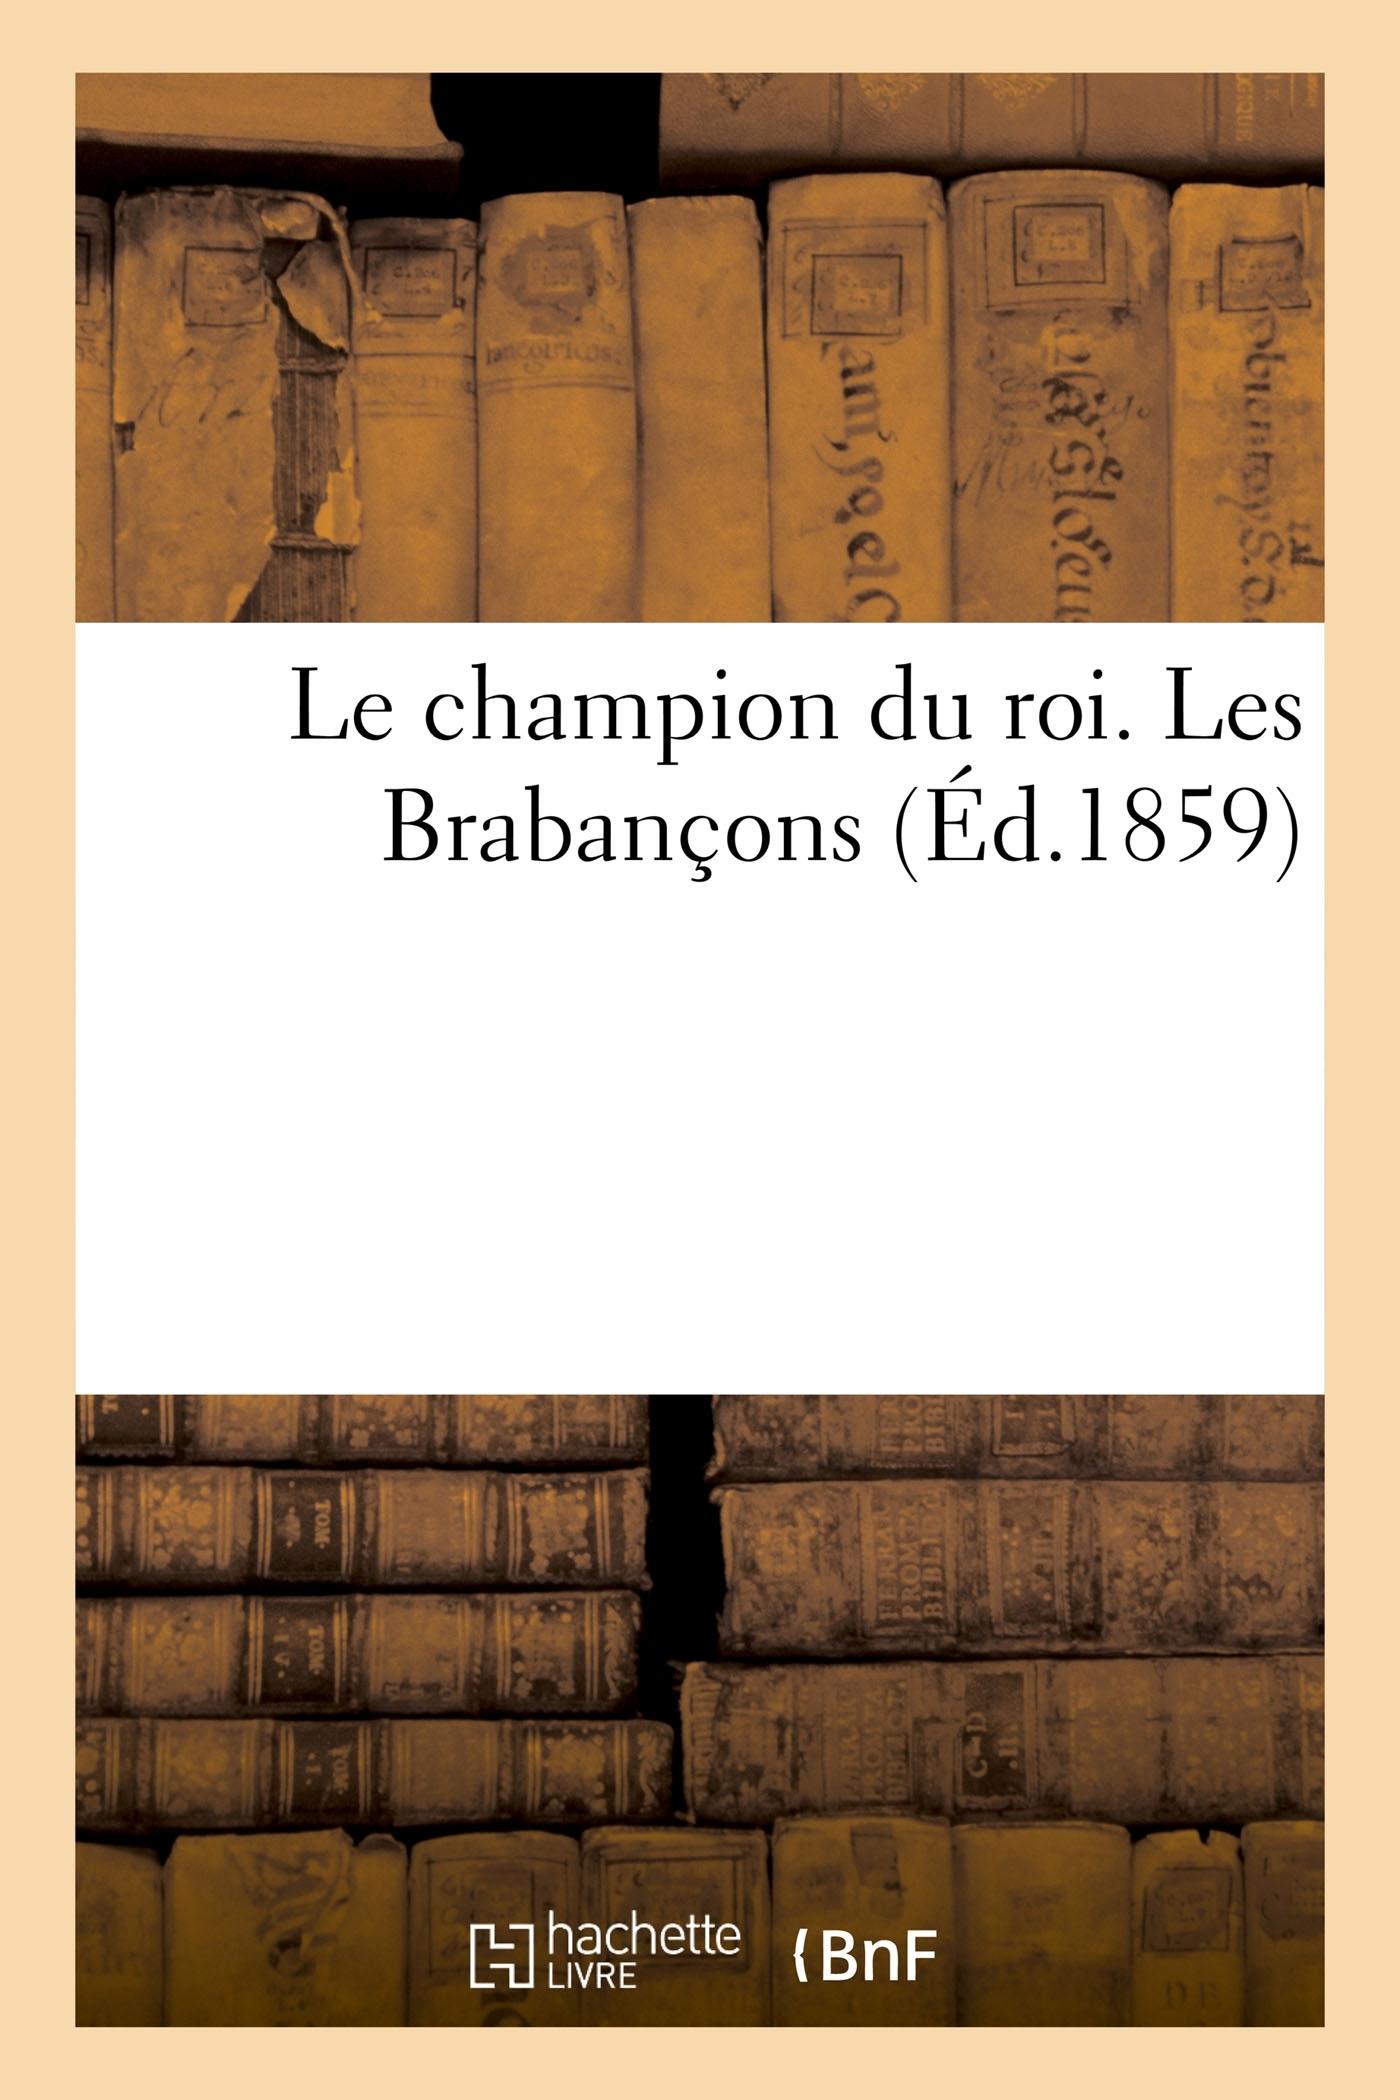 LE CHAMPION DU ROI. LES BRABANCONS